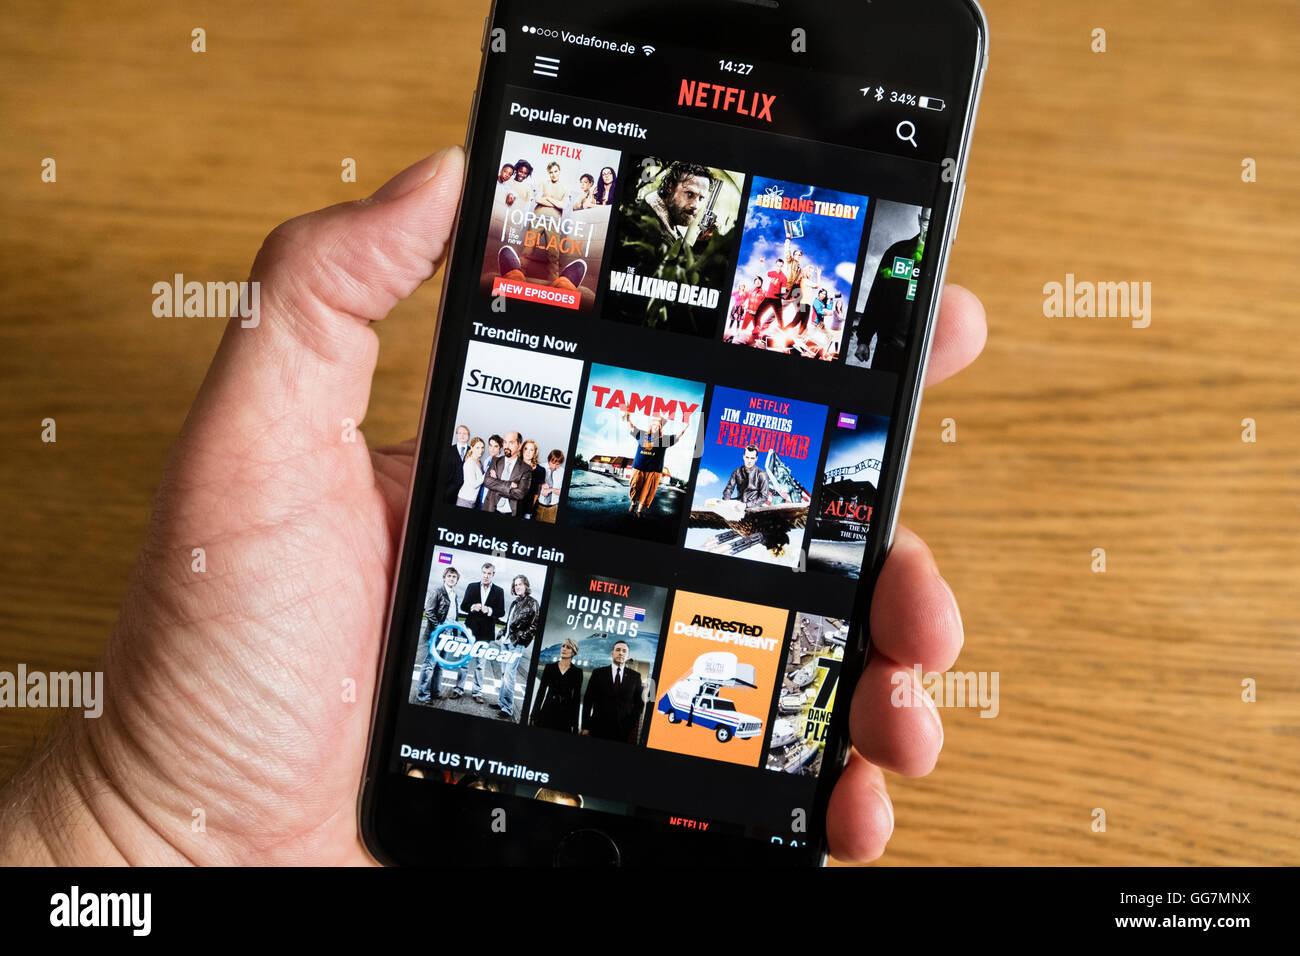 Dettaglio di streaming di Netflix catchup service app schermo su iPhone 6 smart phone Immagini Stock